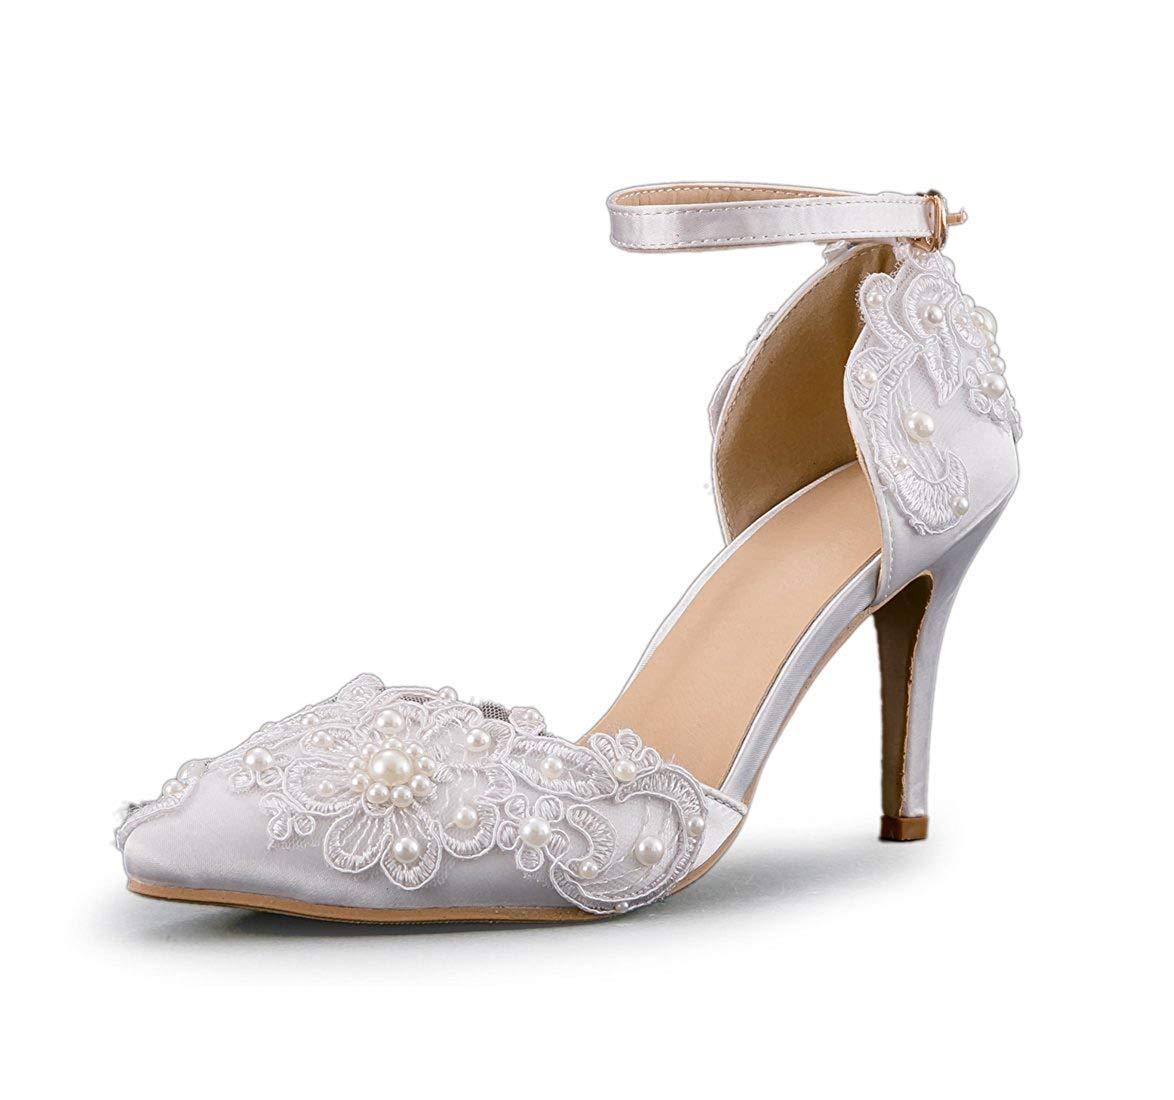 ZHRUI Frauen Handmade Applique Satin Braut Hochzeit Hochzeit Hochzeit Schuhe (Farbe   Ivory-9cm Heel, Größe   2.5 UK) f551fb